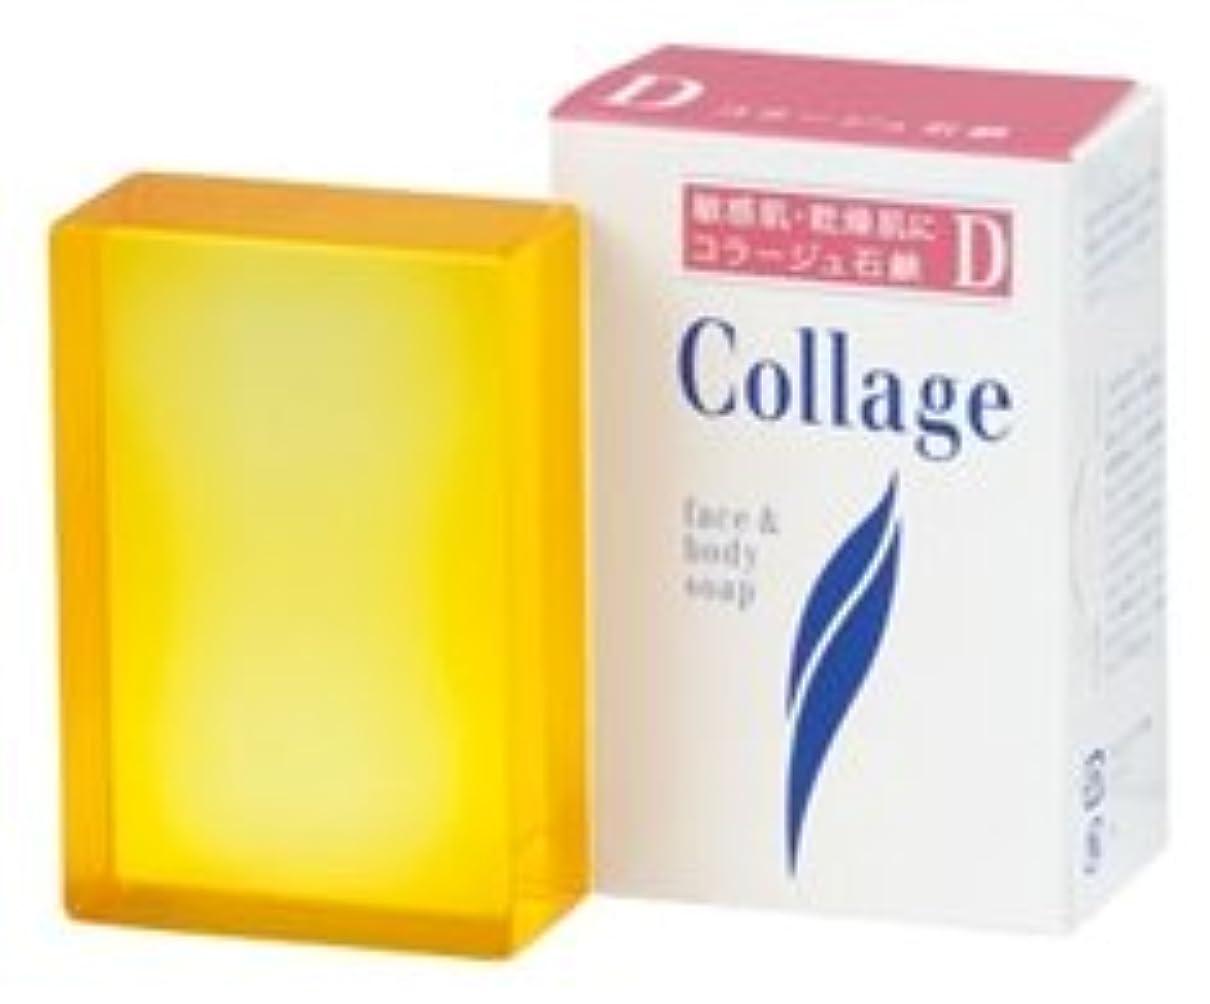 なくなる耐久相反するコラージュD乾性肌用石鹸100g×2 1342